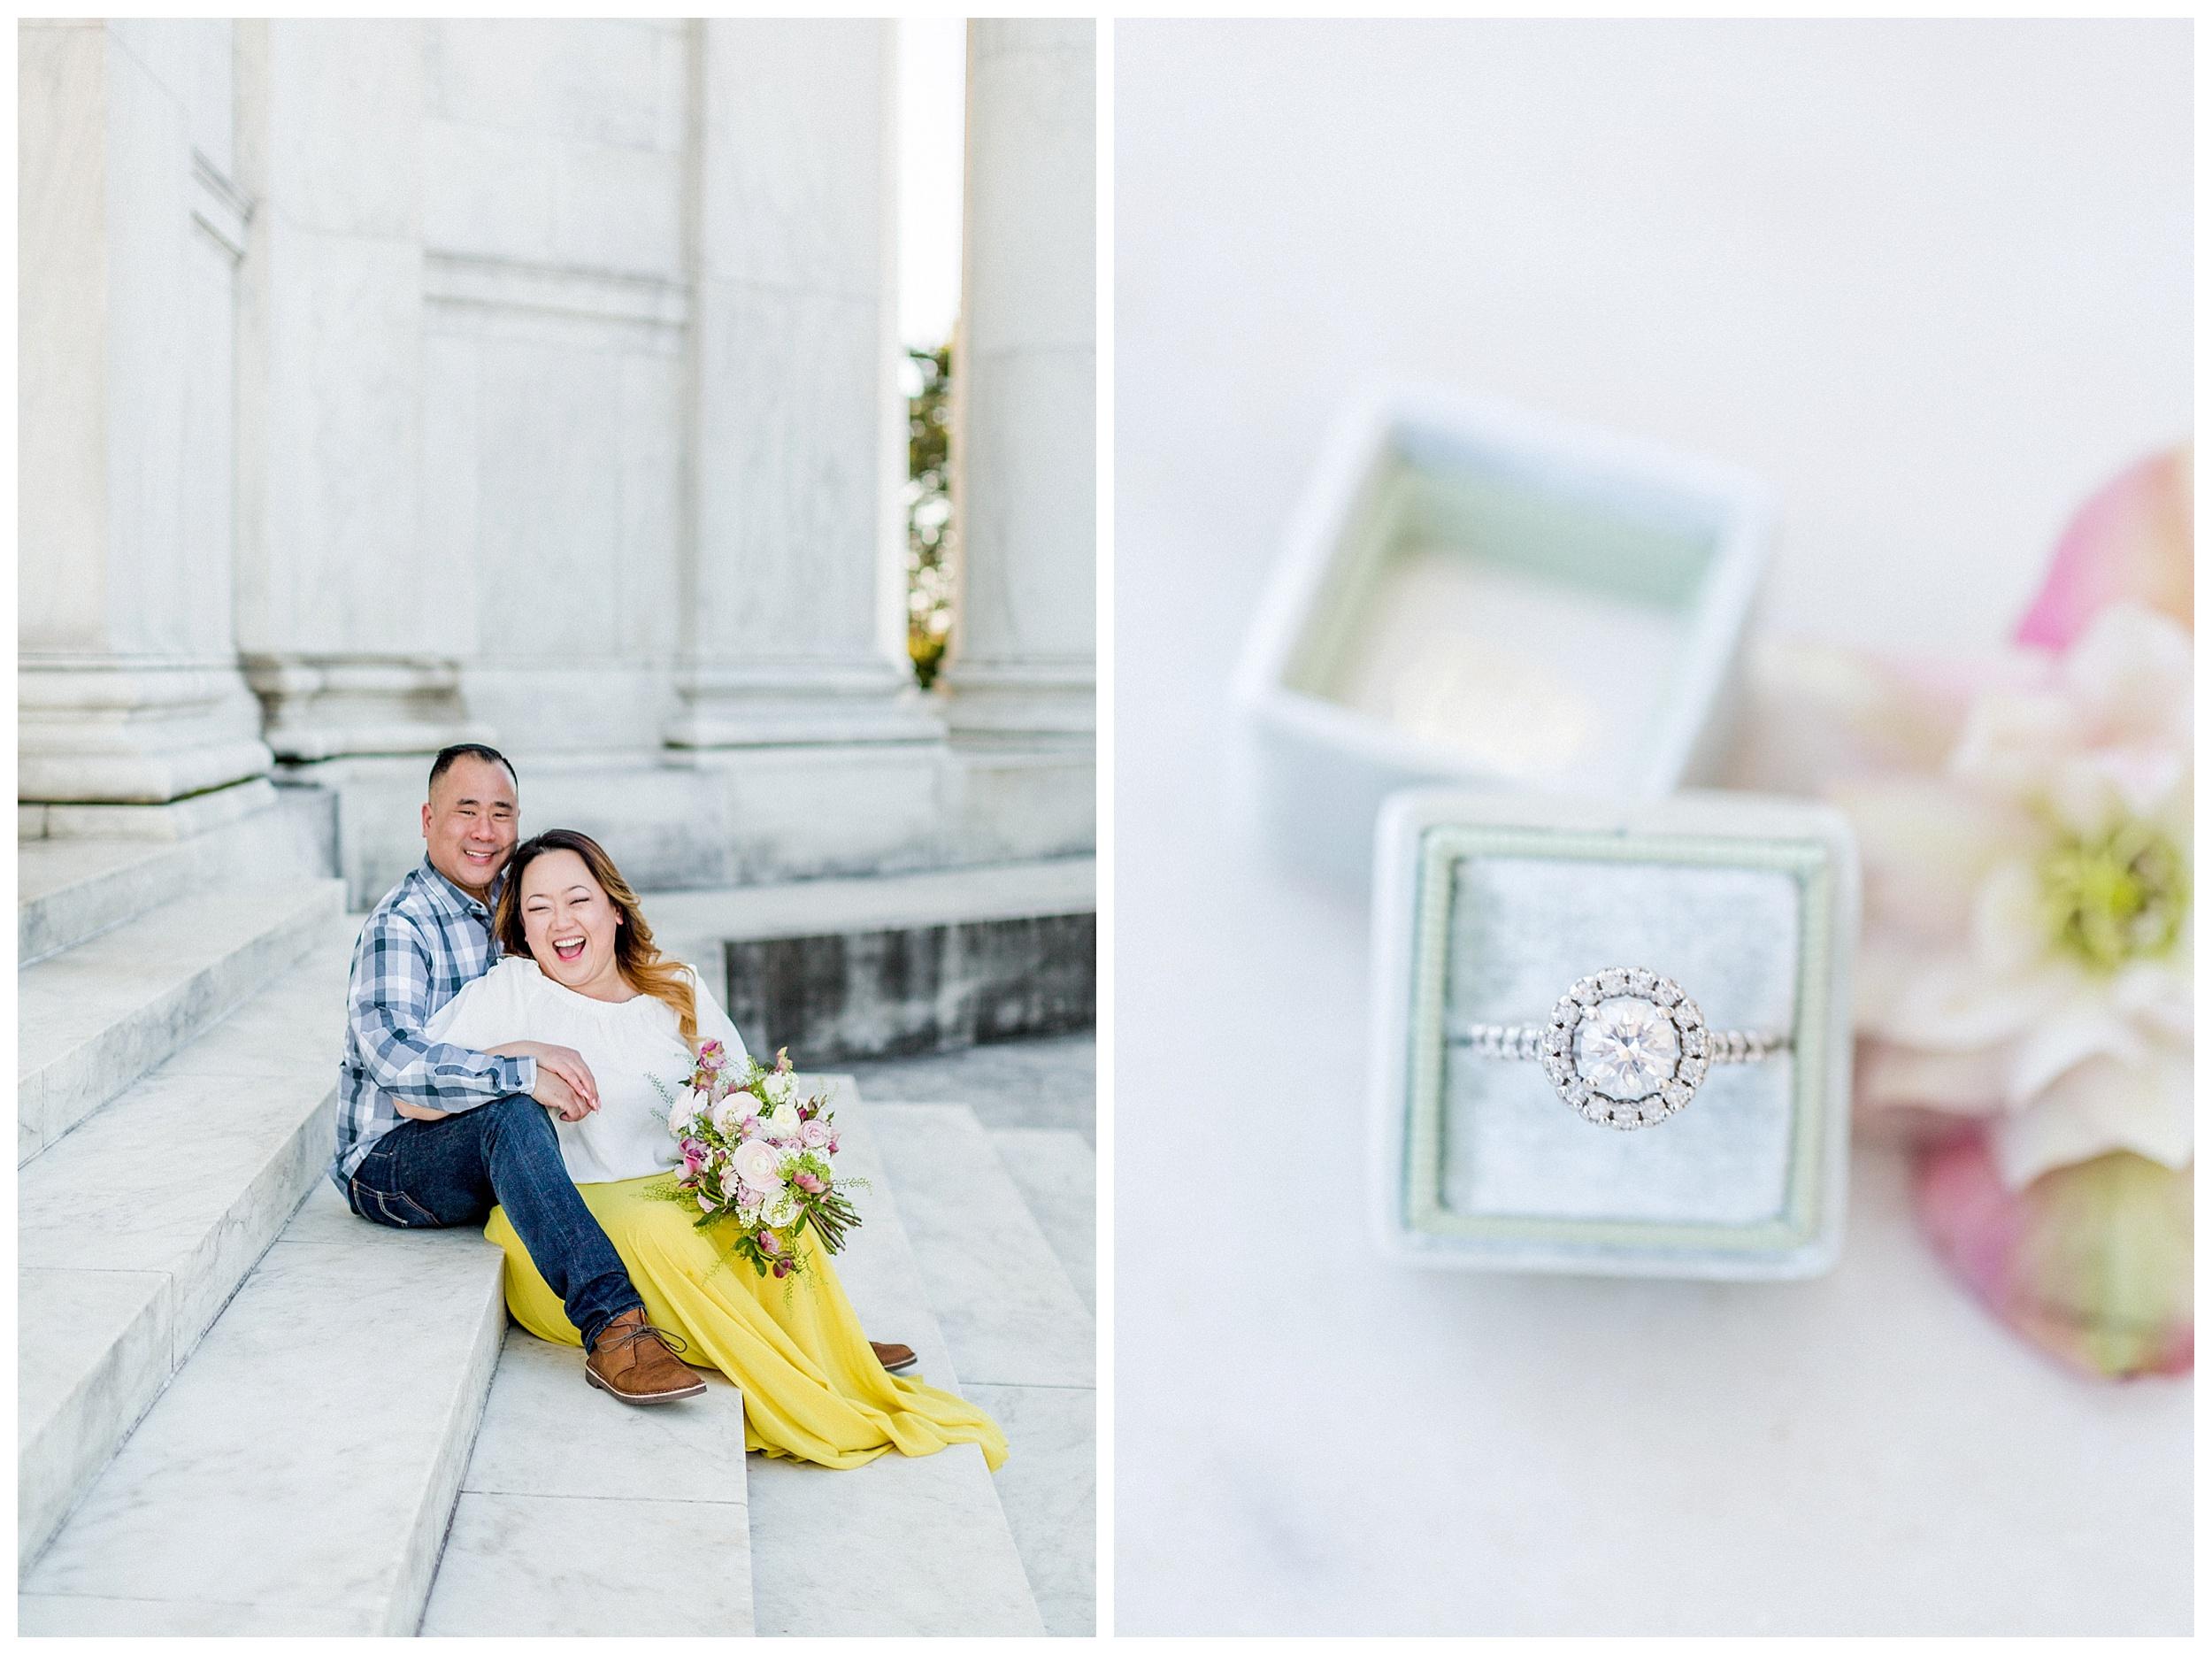 Washington DC Engagement Photos | Thomas Jefferson Engagement Session_0029.jpg